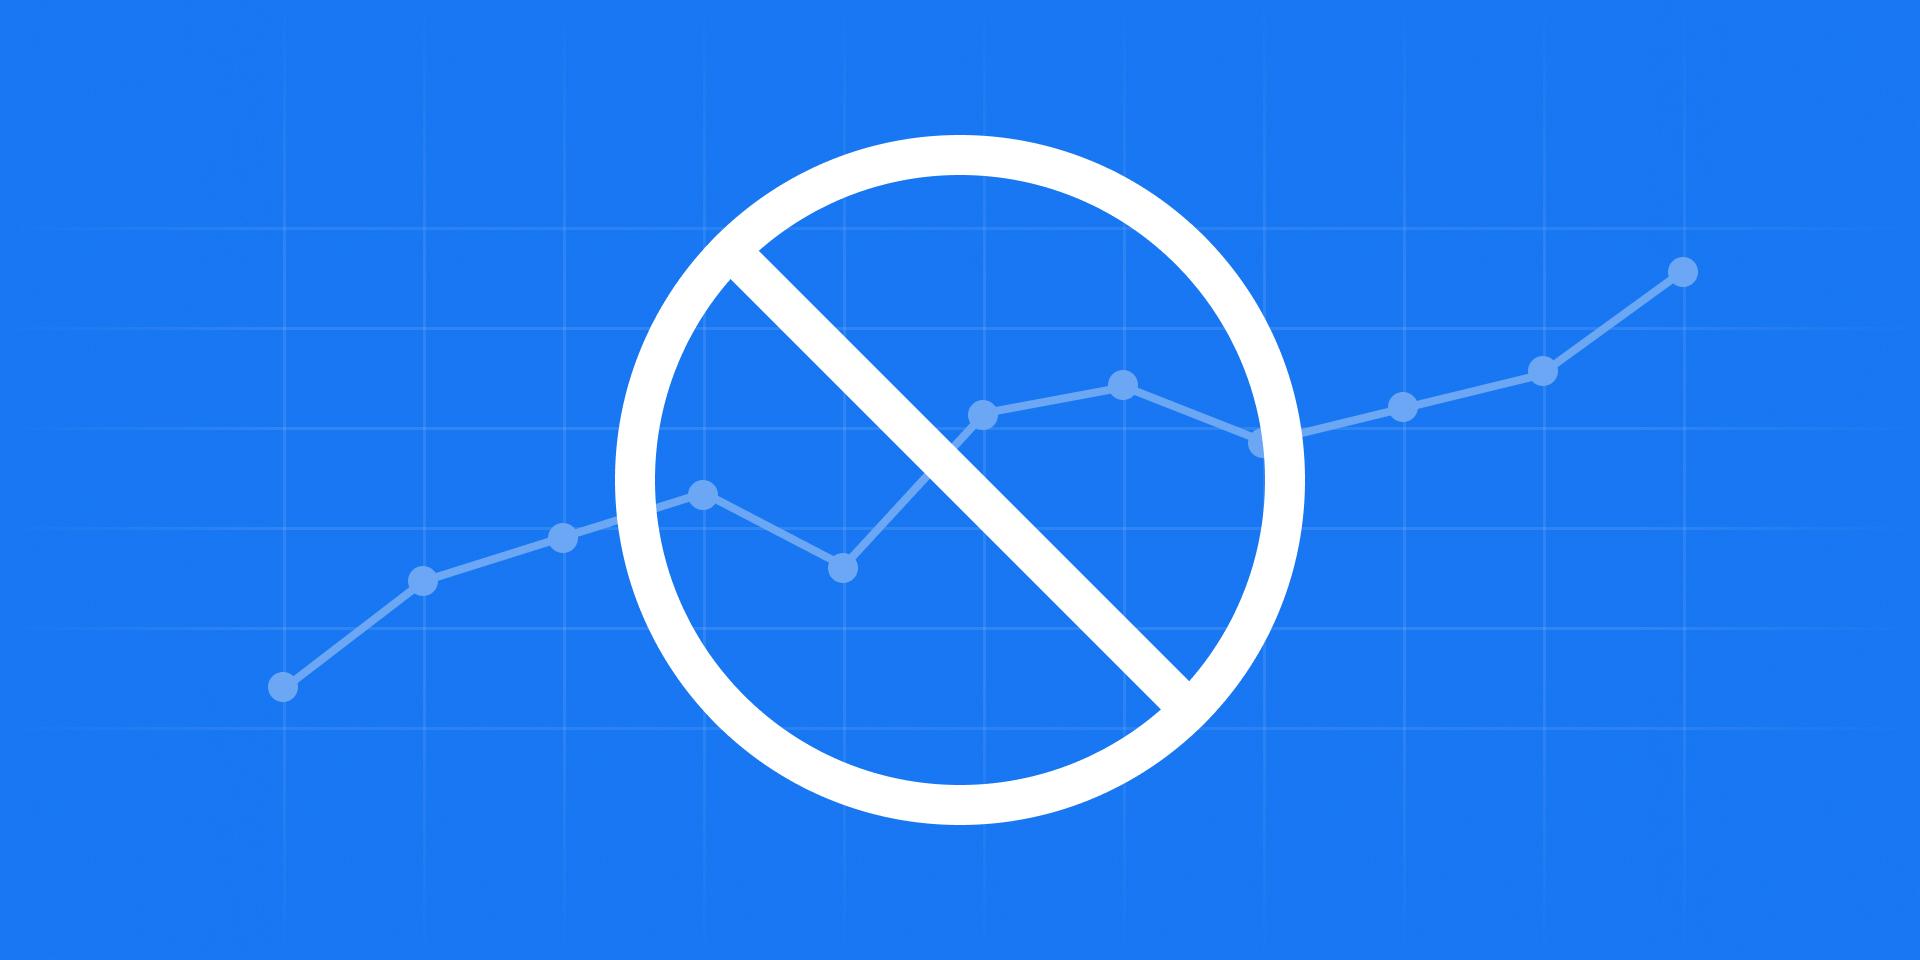 Facebook Analytics is Shutting Down